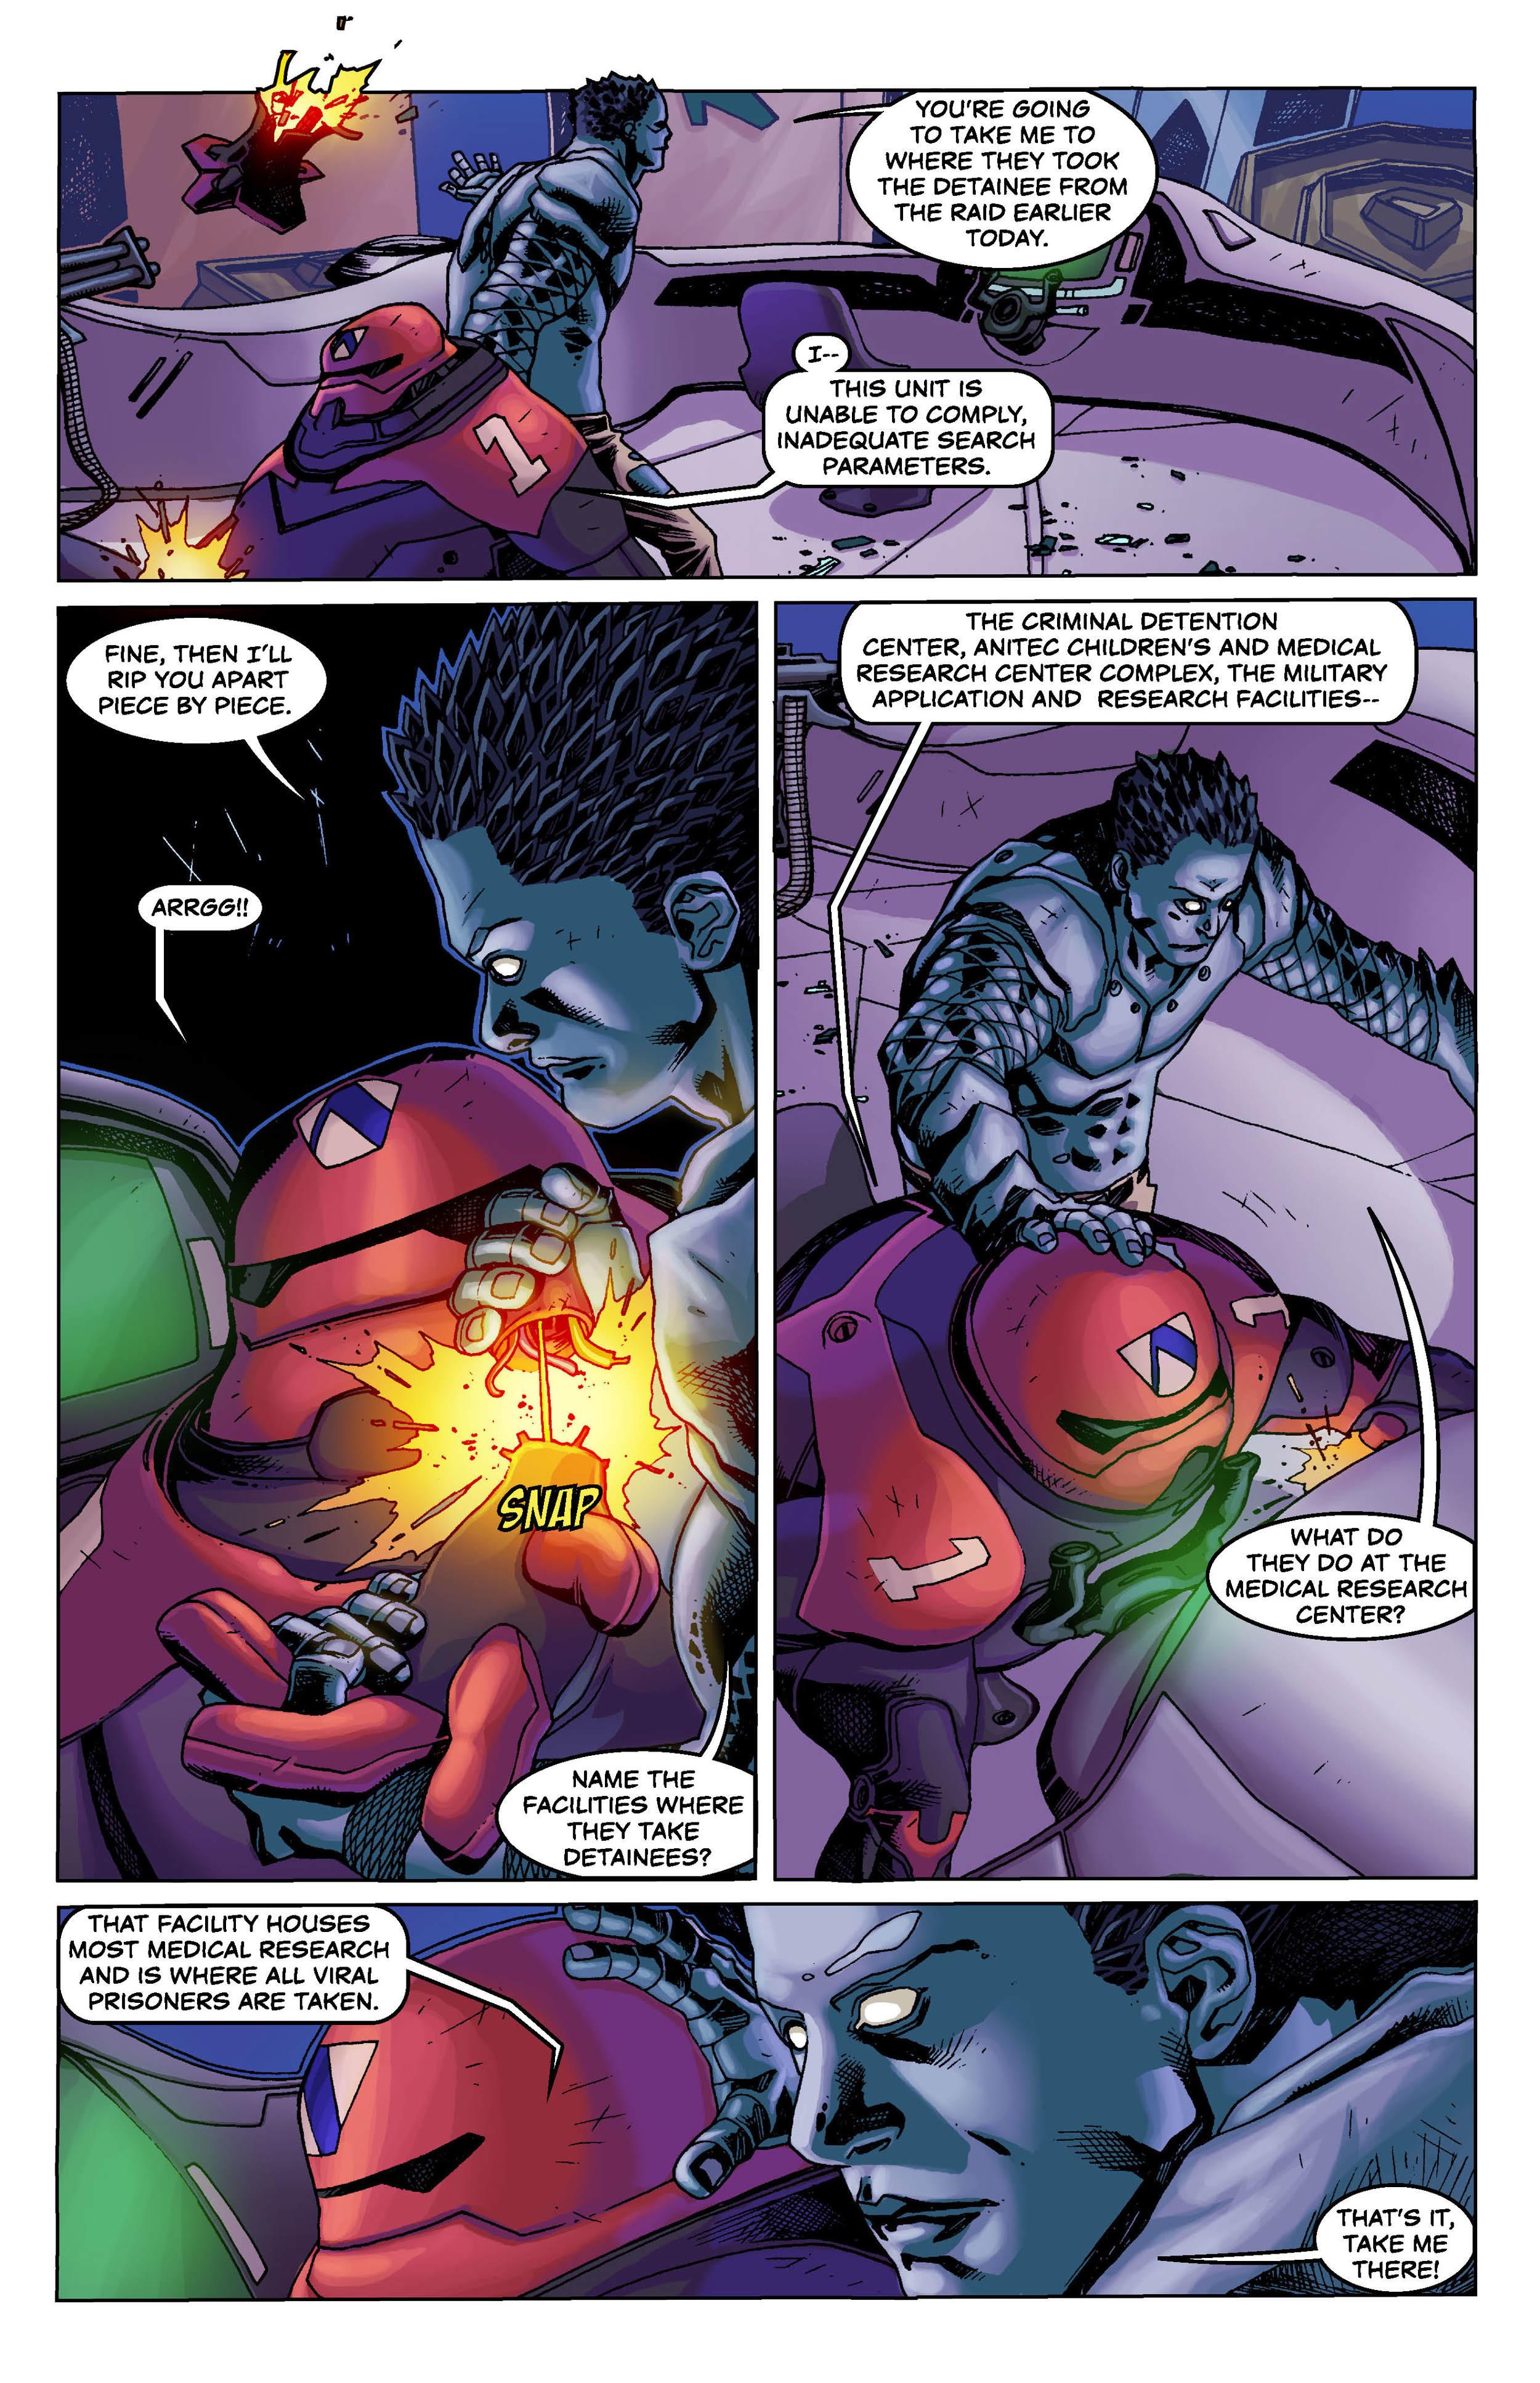 TT_Issue04_Digital_Page_16.jpg